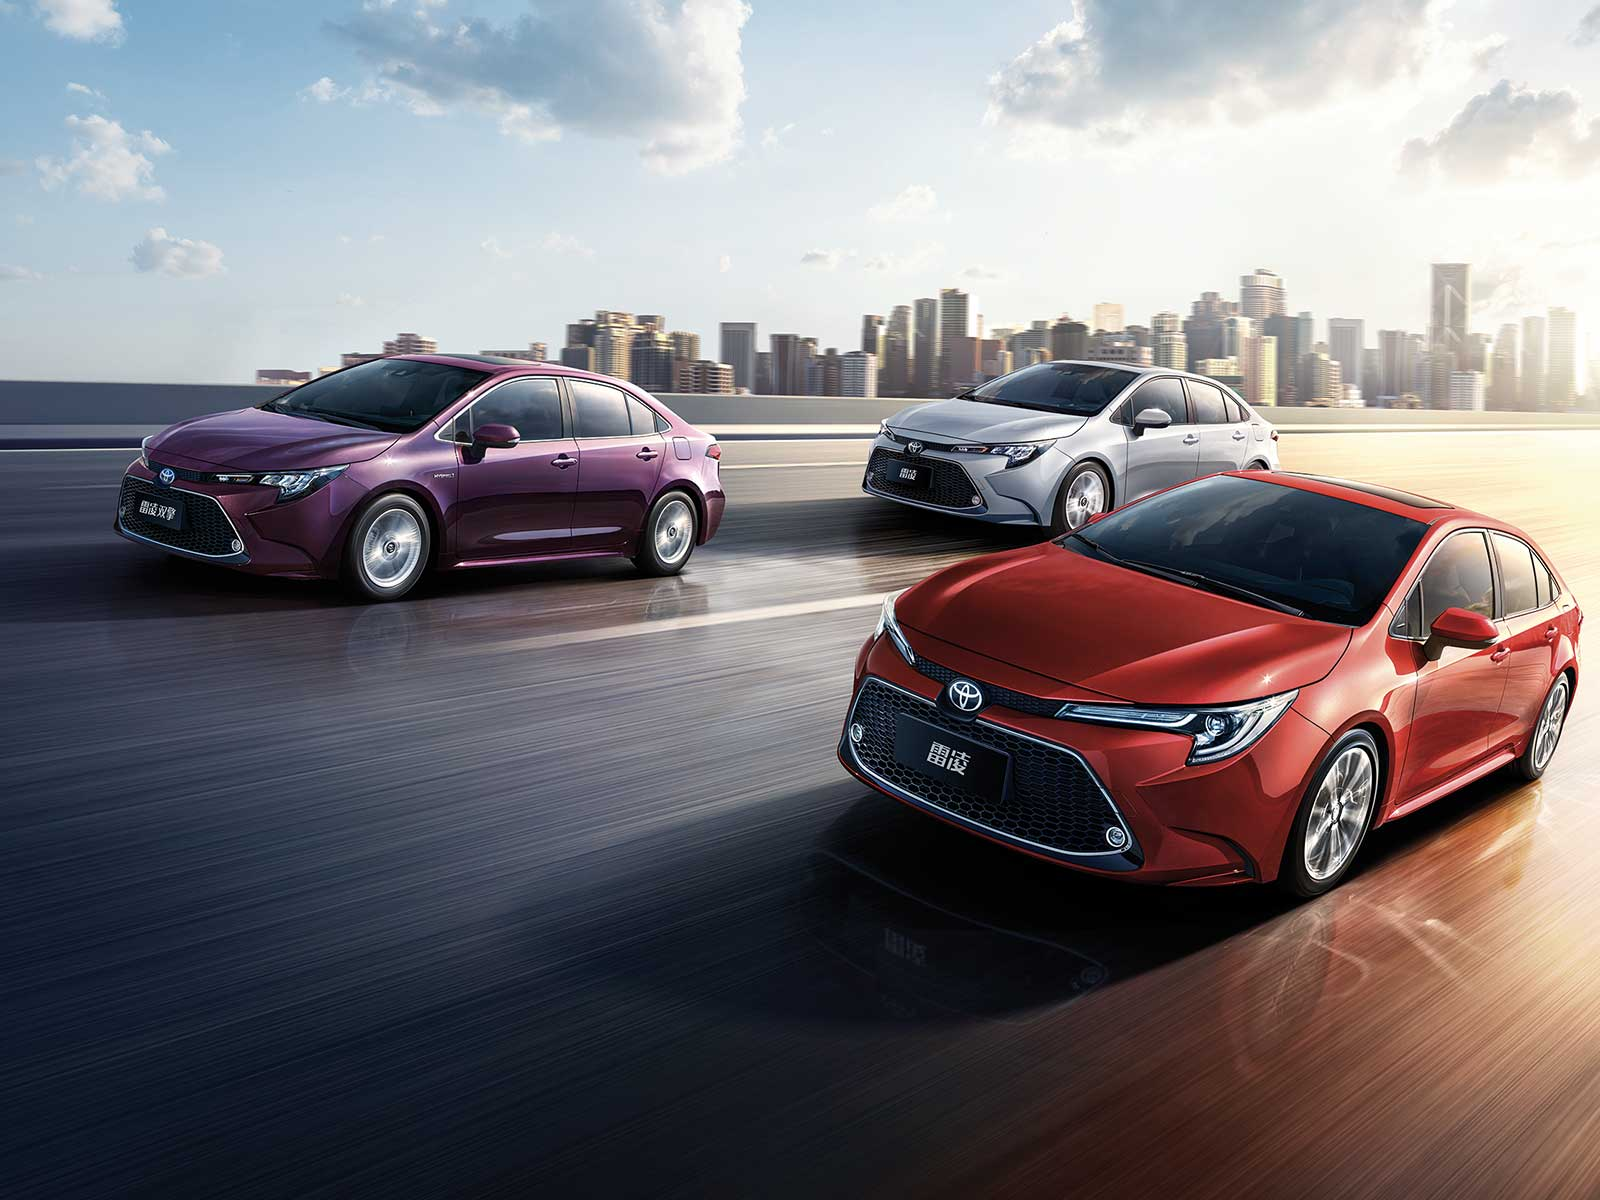 8月轿车销量前十排行:朗逸夺冠,雅阁不敌帕萨特,卡罗拉出前十